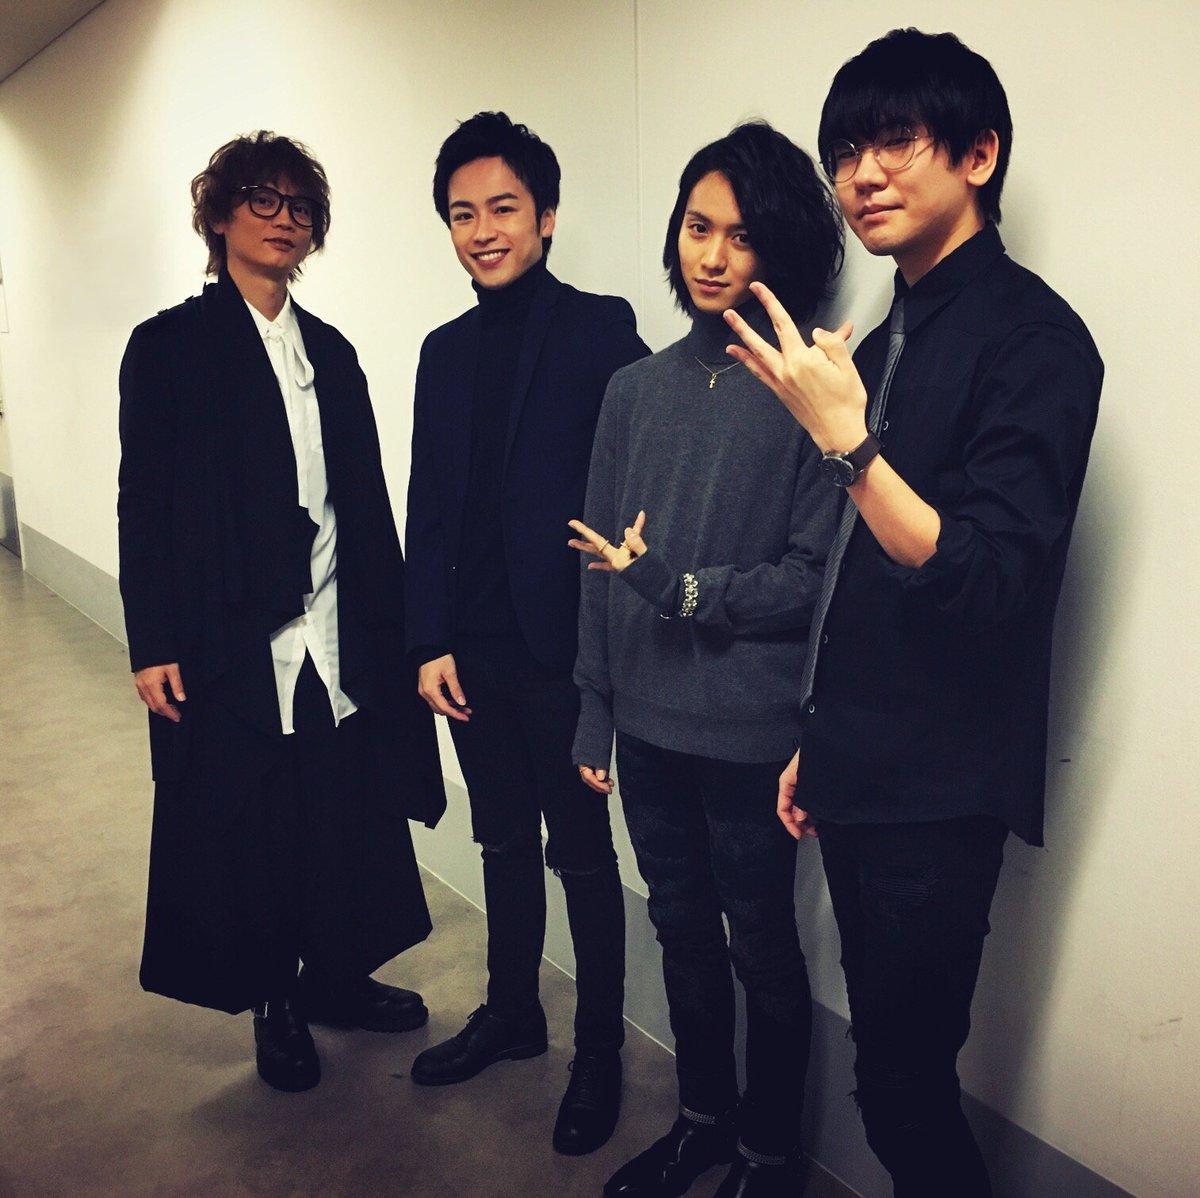 ジャンプフェスタ 東京喰種ステージありがとうございましたー!!浅沼さん、そして舞台キャストのお二人と登壇しましたよー!も